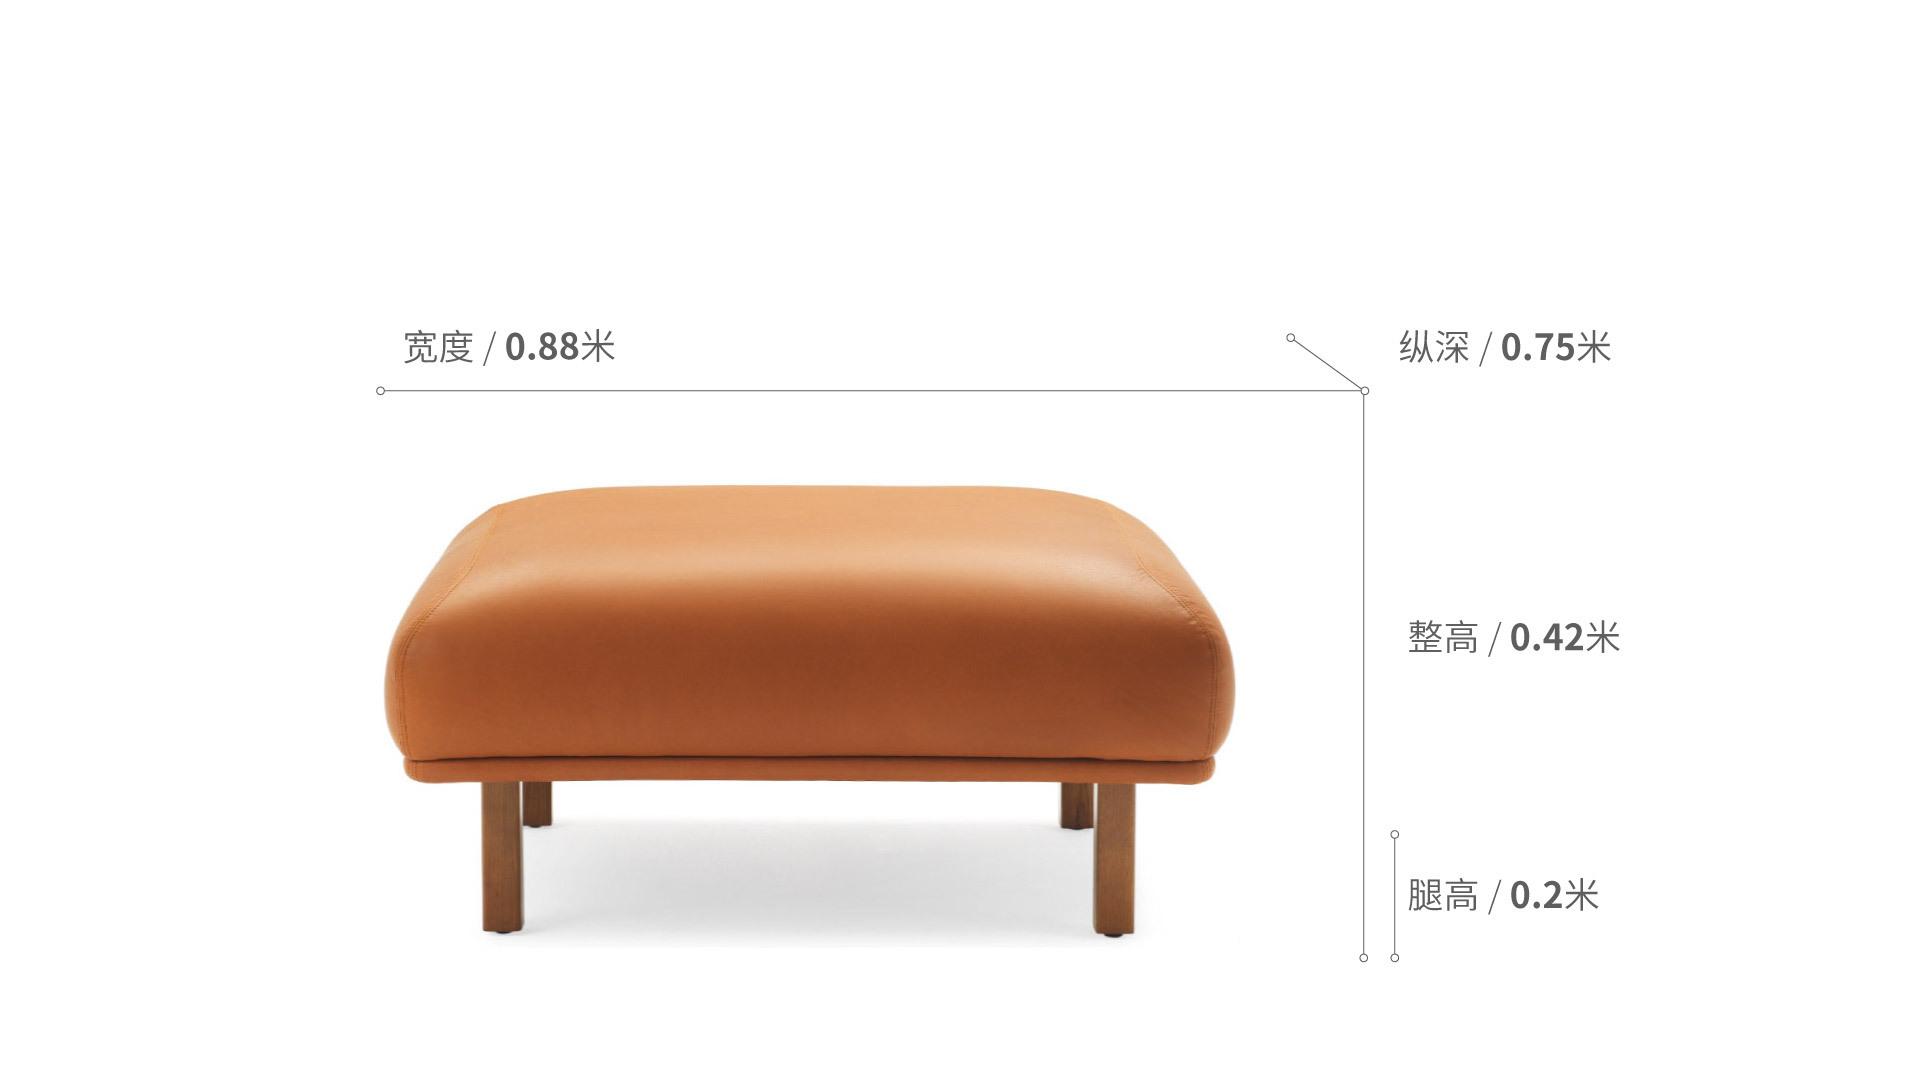 COFA L全幅版脚墩沙发效果图